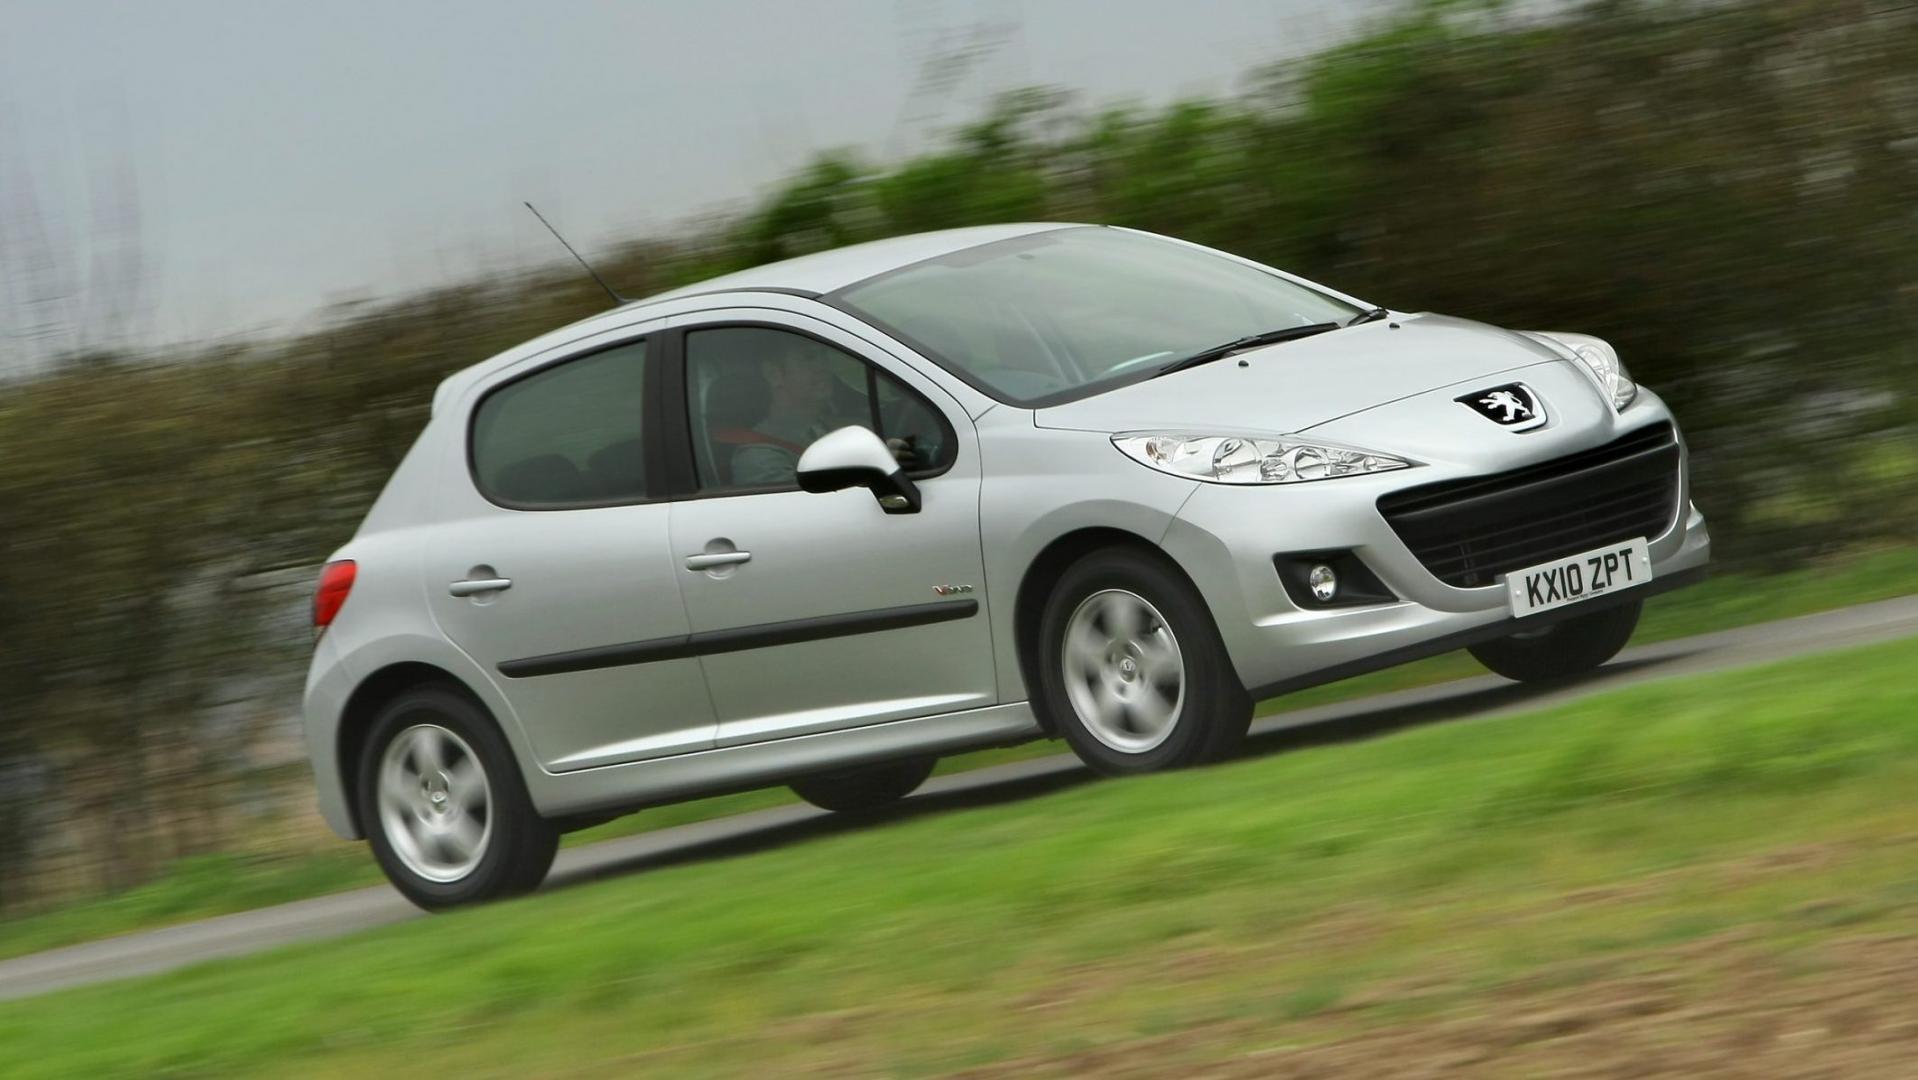 beste auto voor beginners Peugeot 207